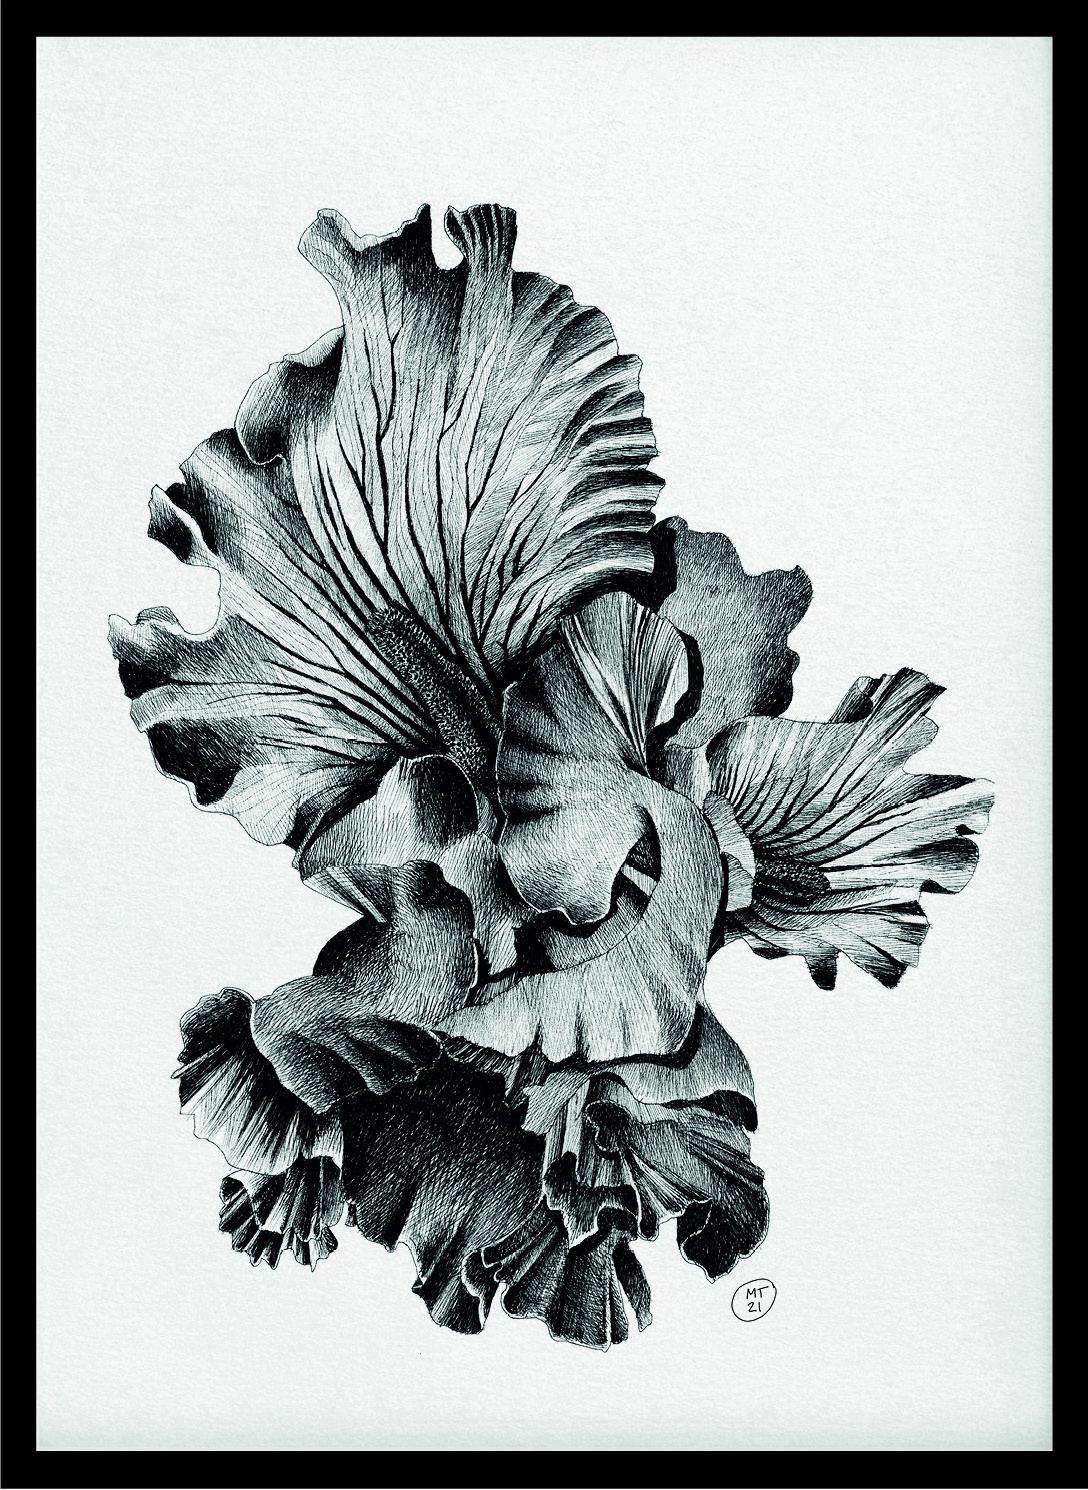 Iris_Poster_Ink on Paper_Mario Trimarchi Design4